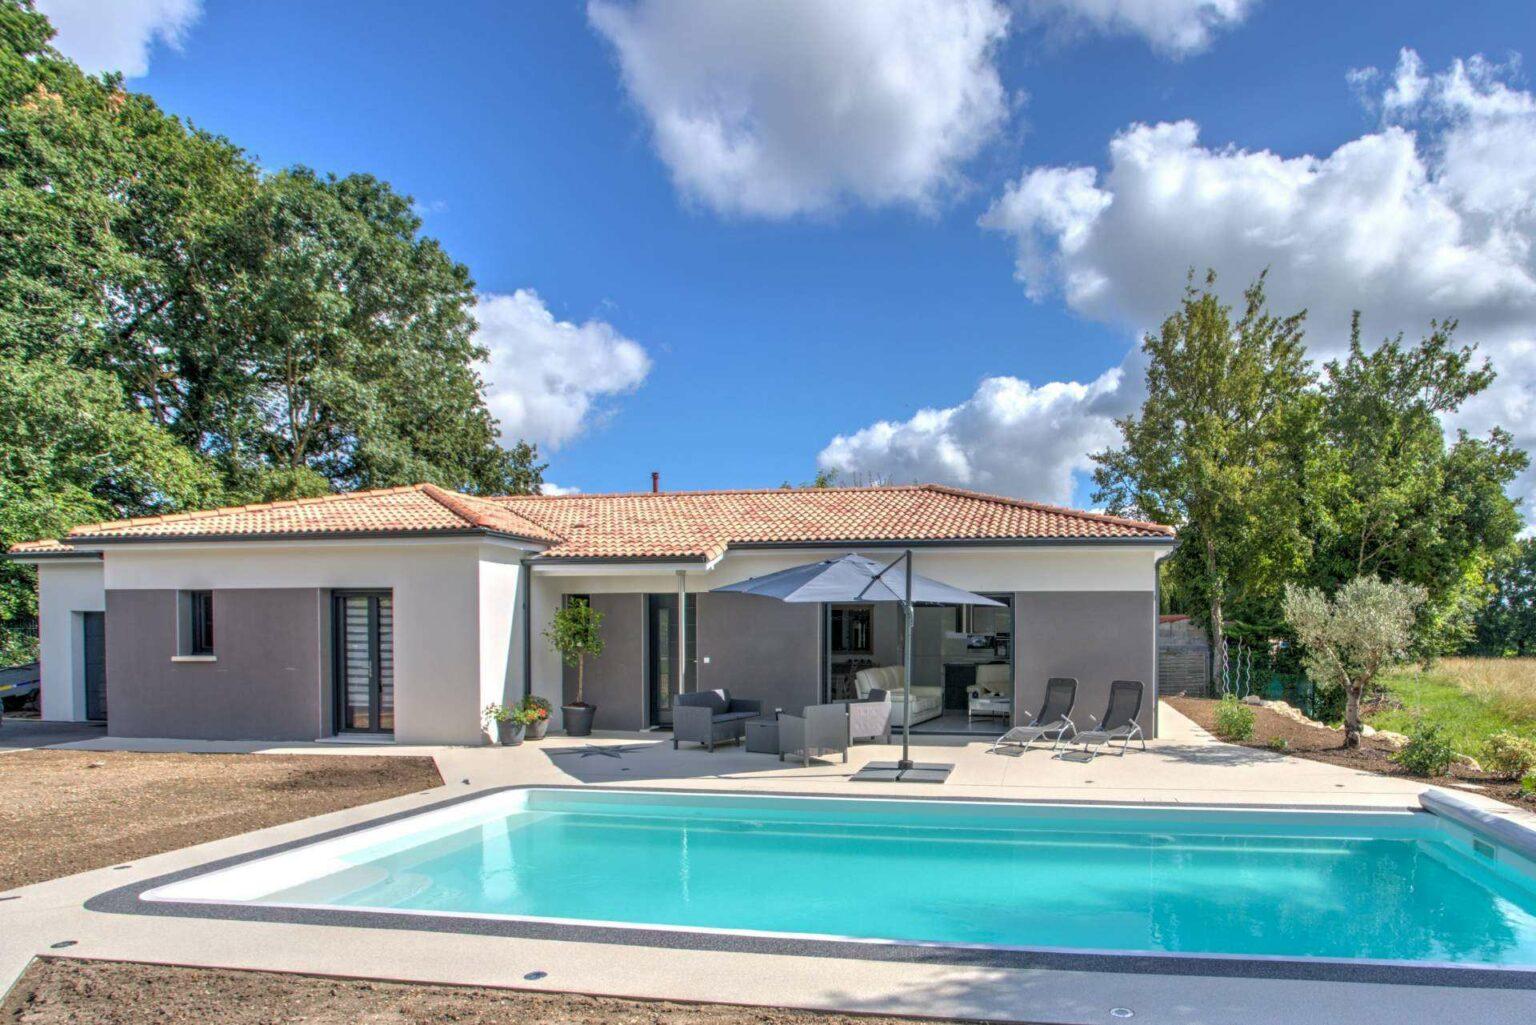 Une maison confort au cœur des des Charente-Maritime